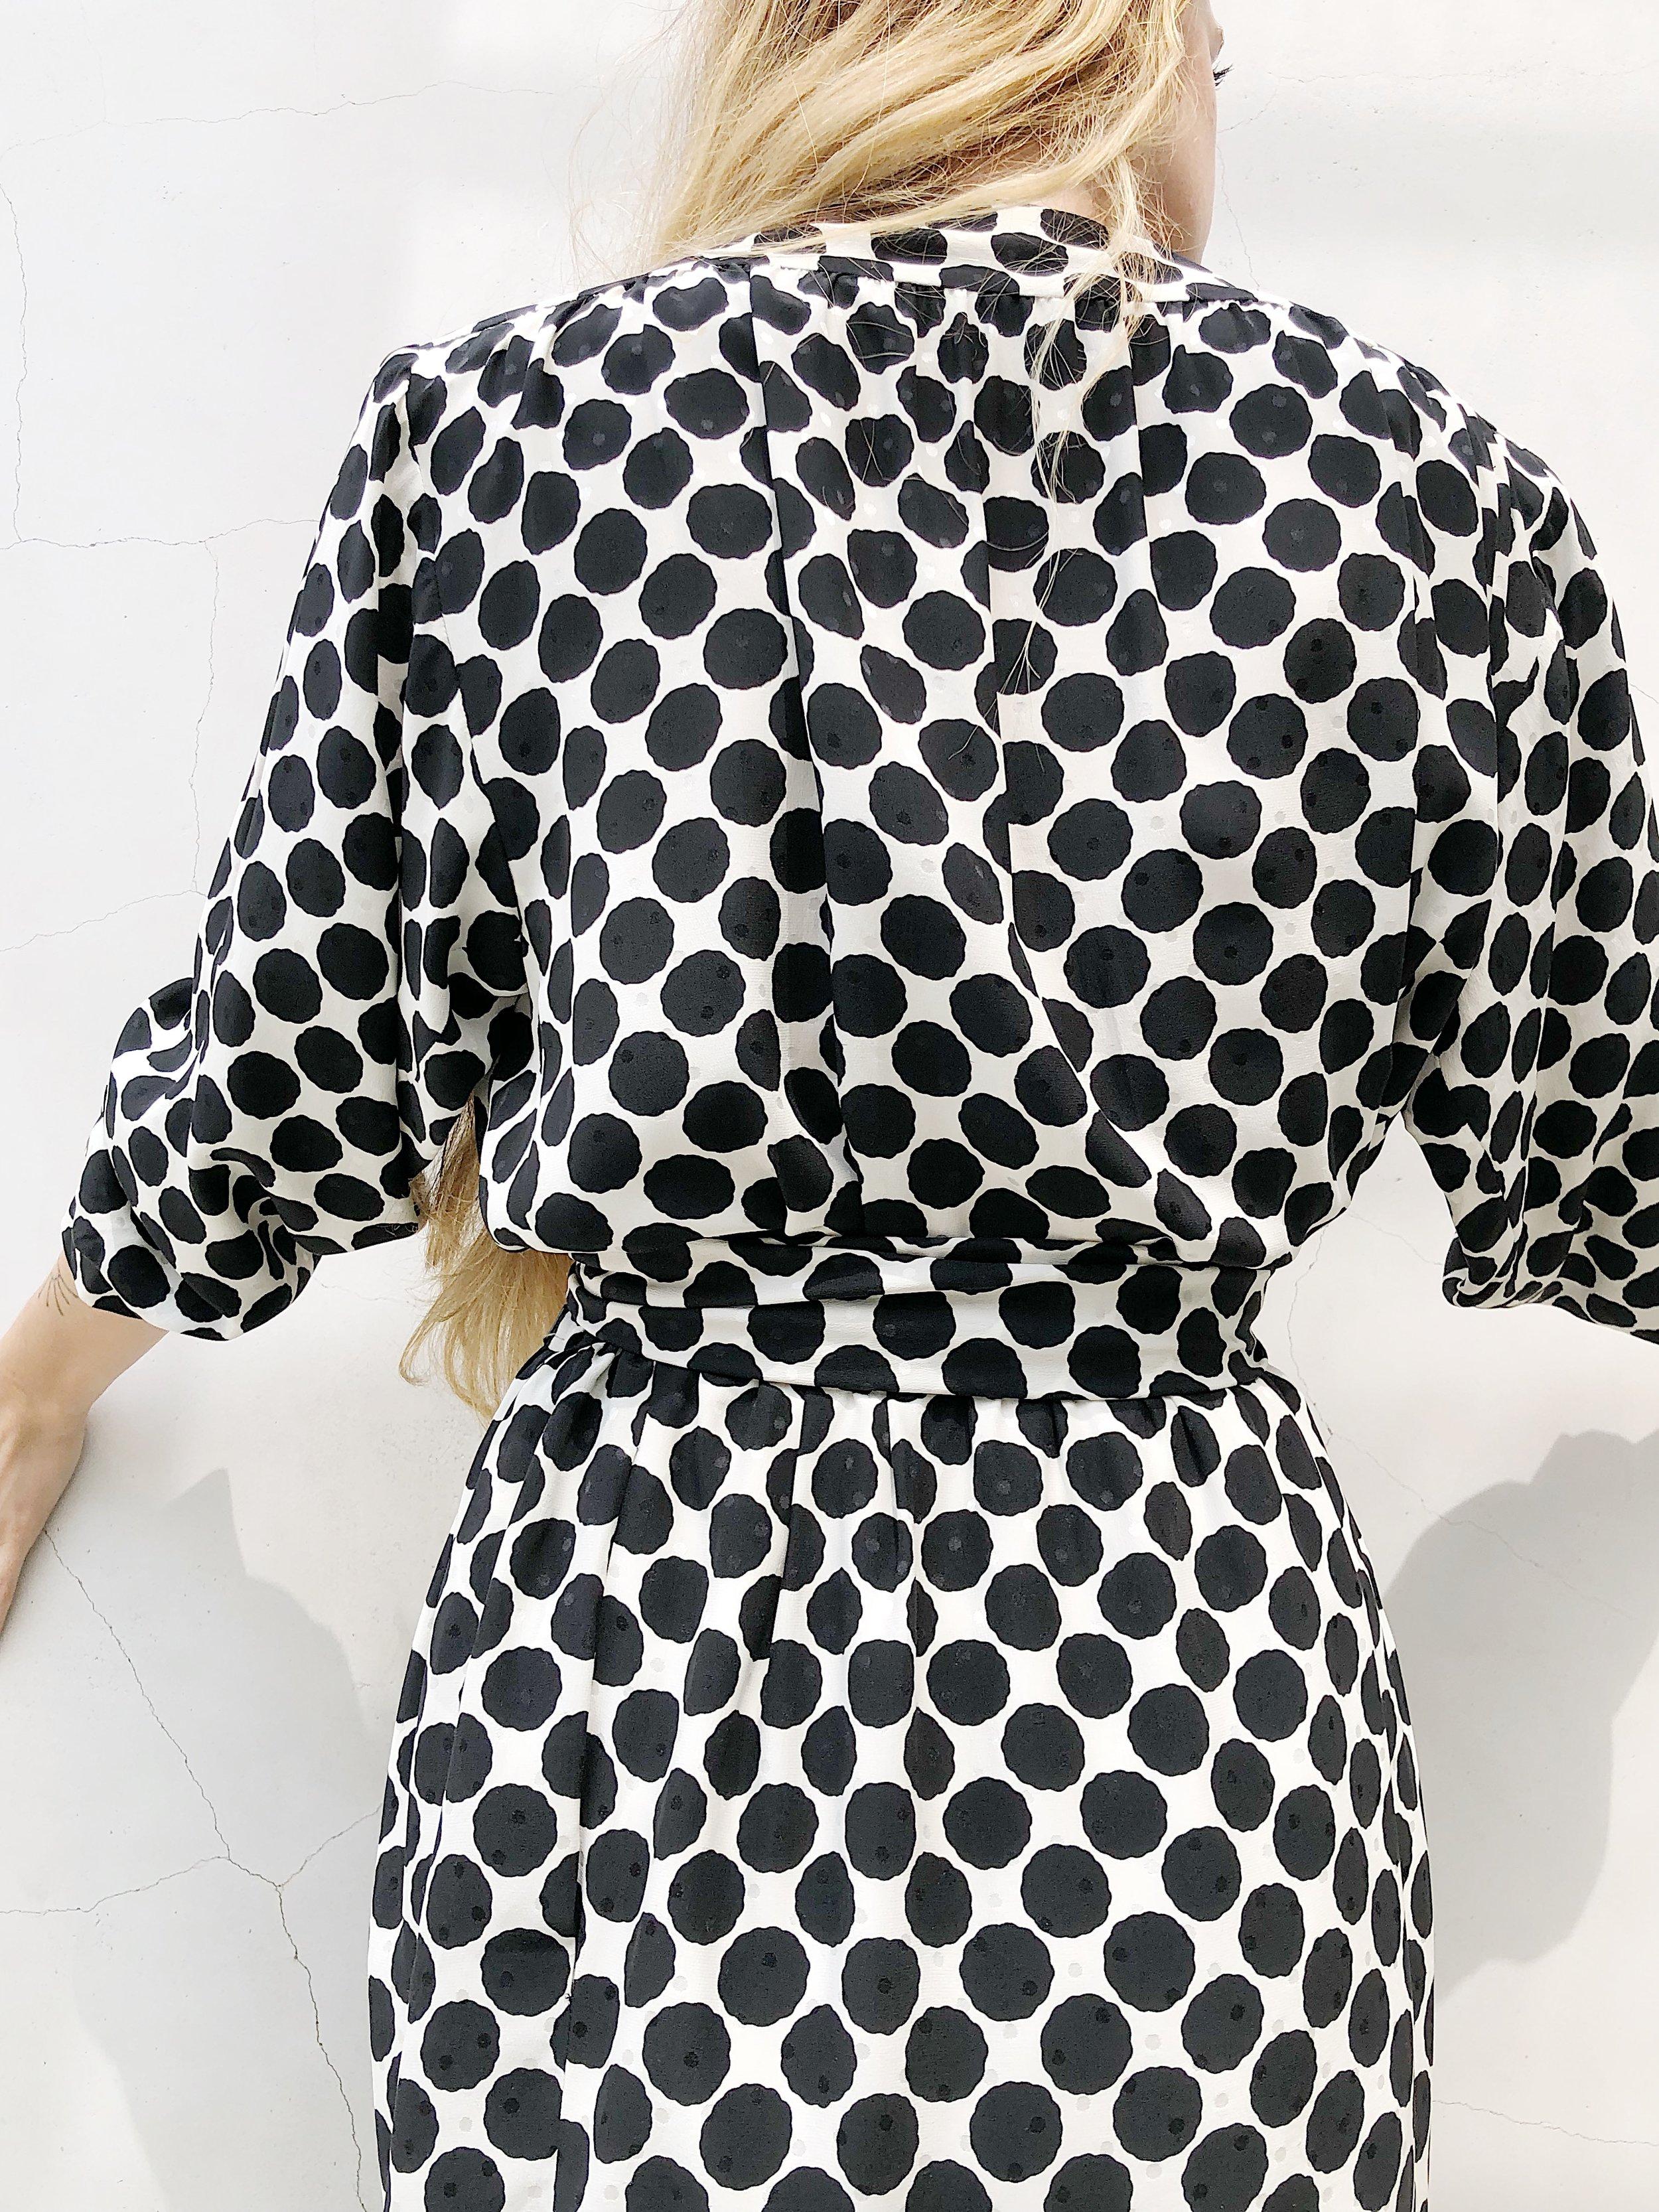 Silk Black + White Polka Dot Wrap Dress